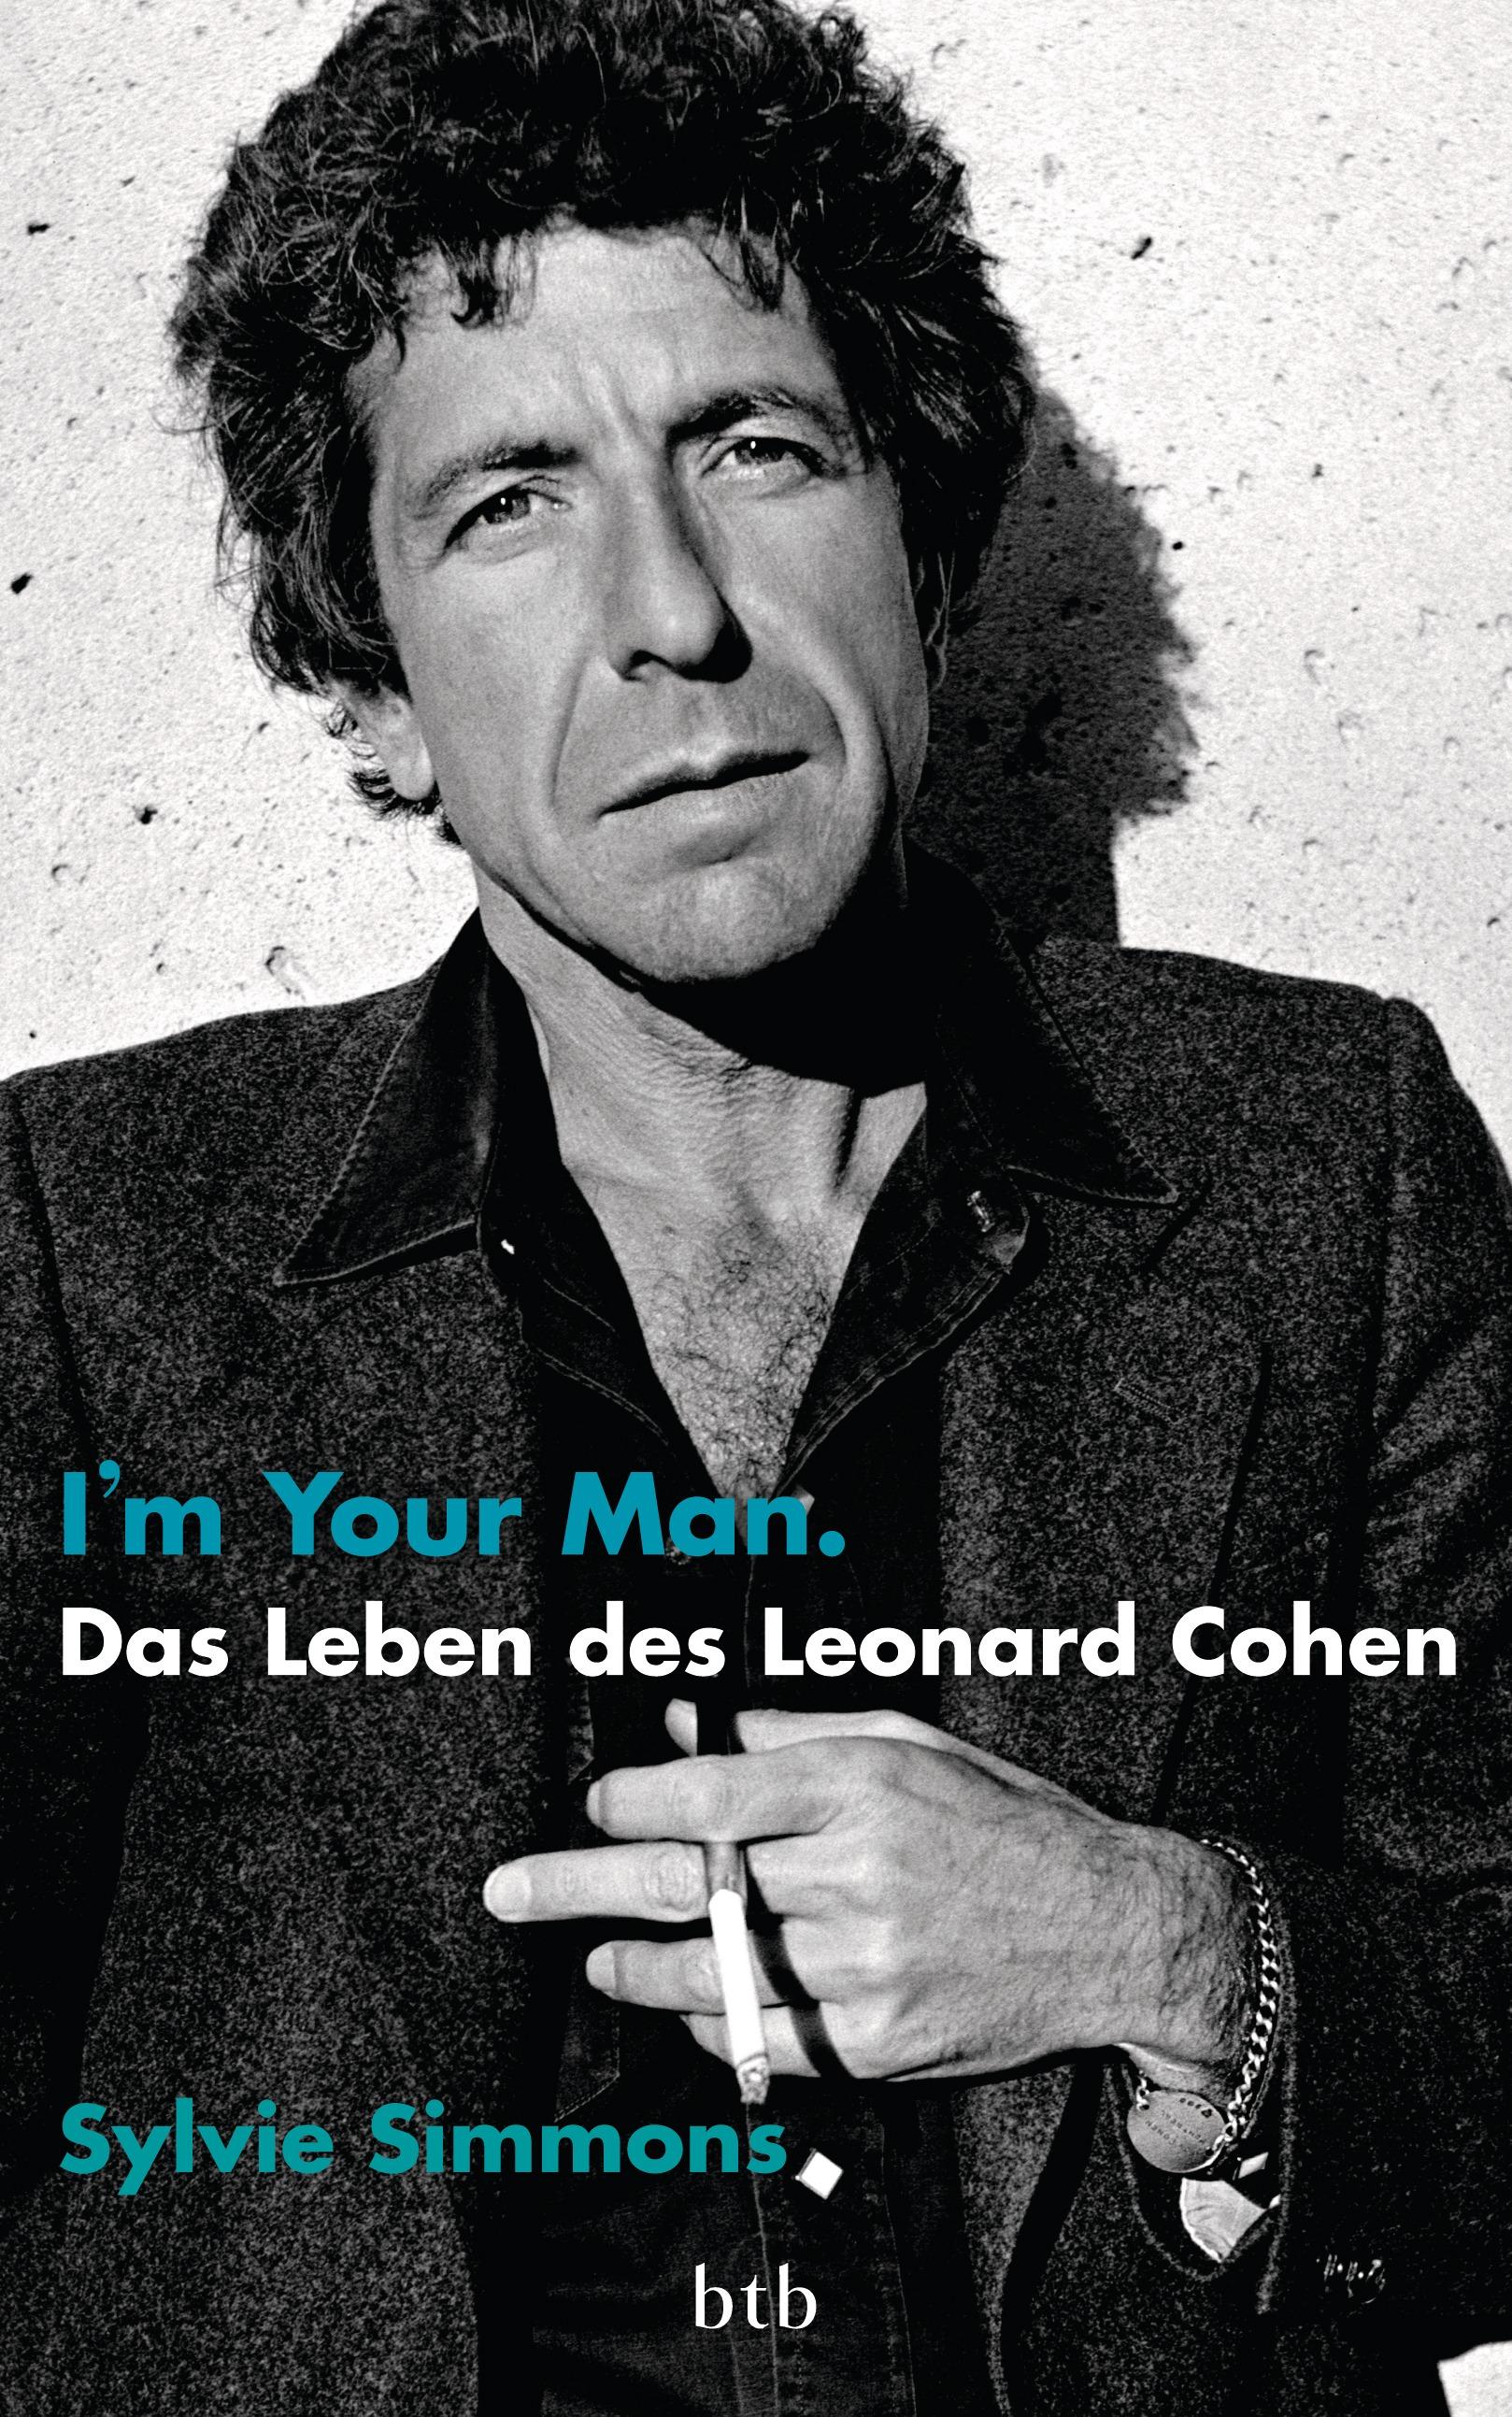 Im your man Das Leben des Leonard Cohen von Sylvie Simmons